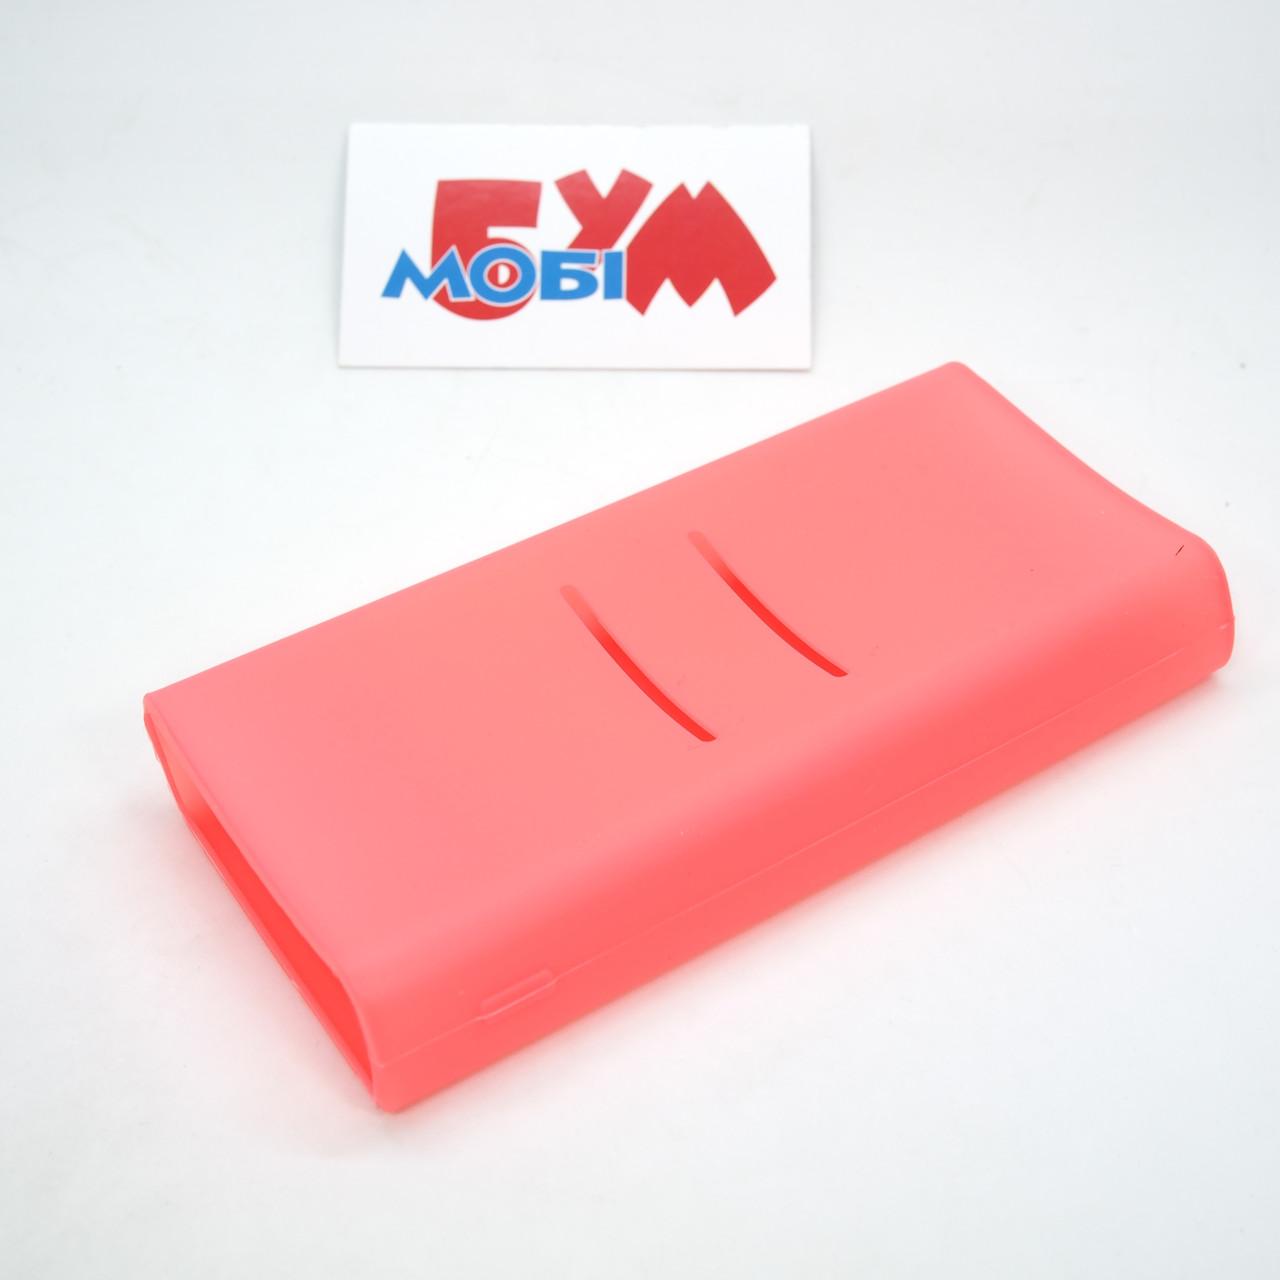 Силиконовый чехол Xiaomi Mi Power Bank 2C 20000mAh pink (SPCCXM20P)